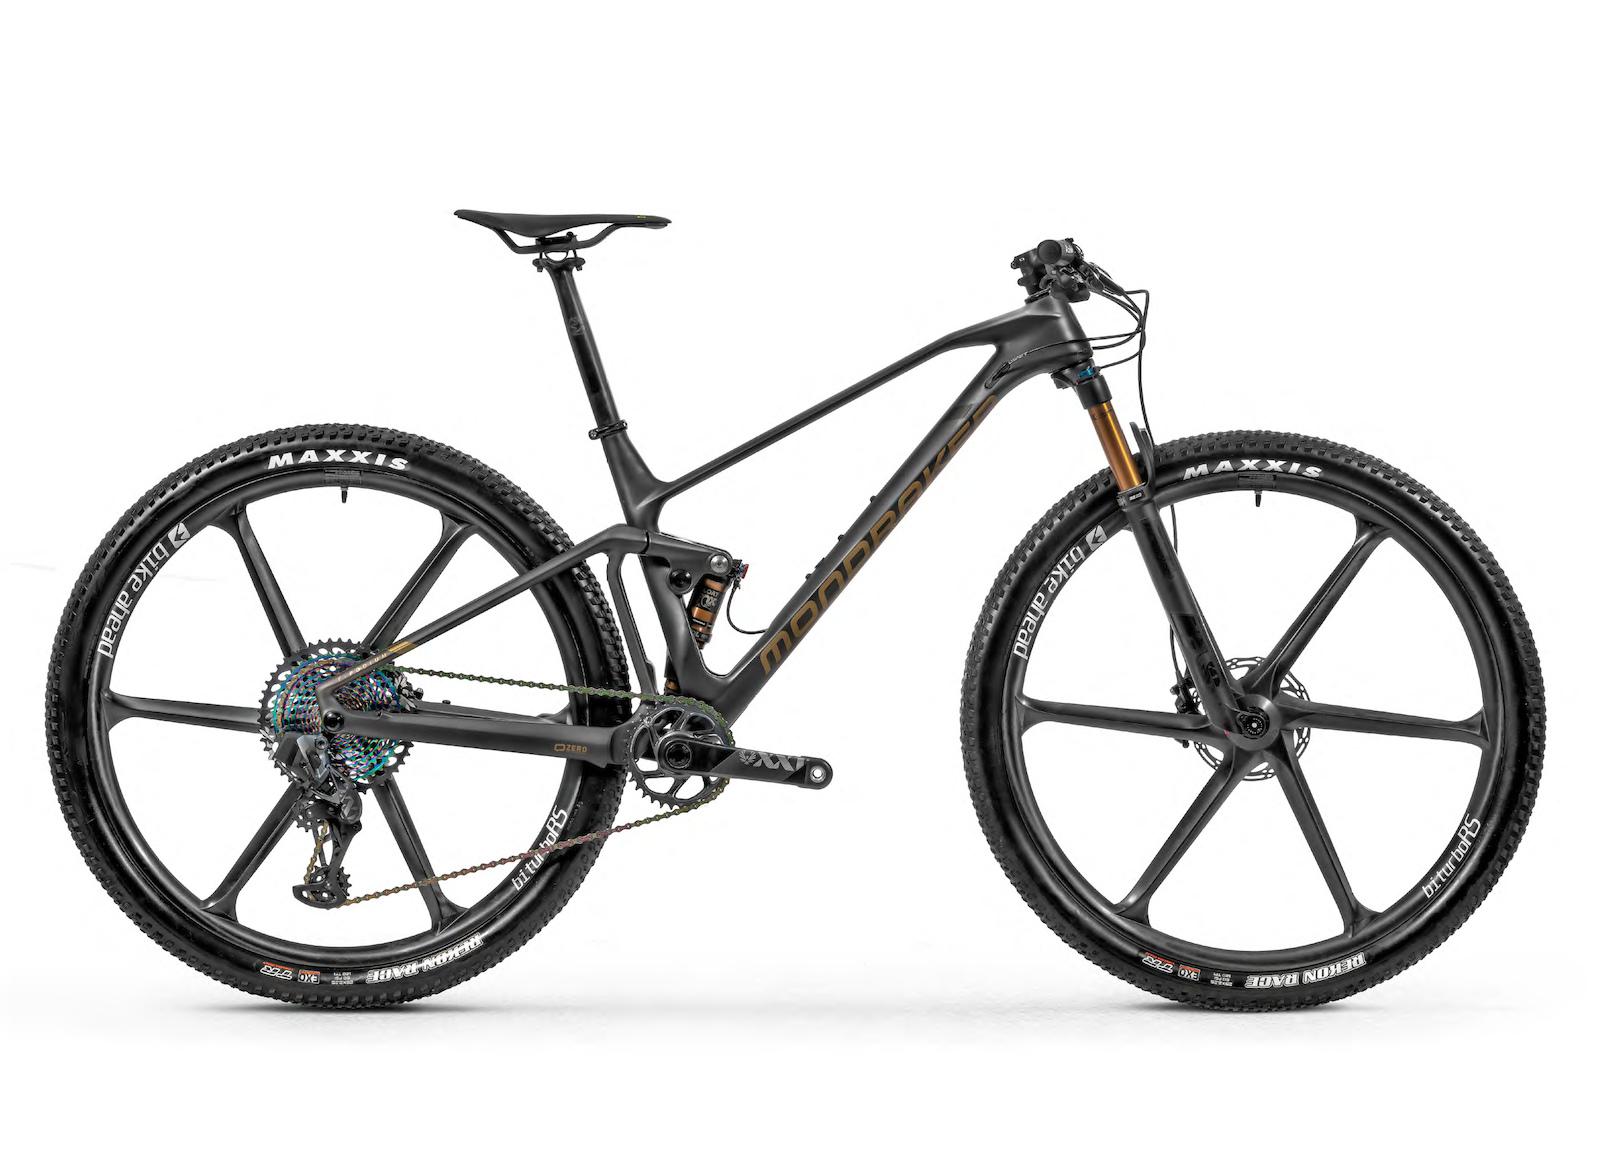 XC racing bike